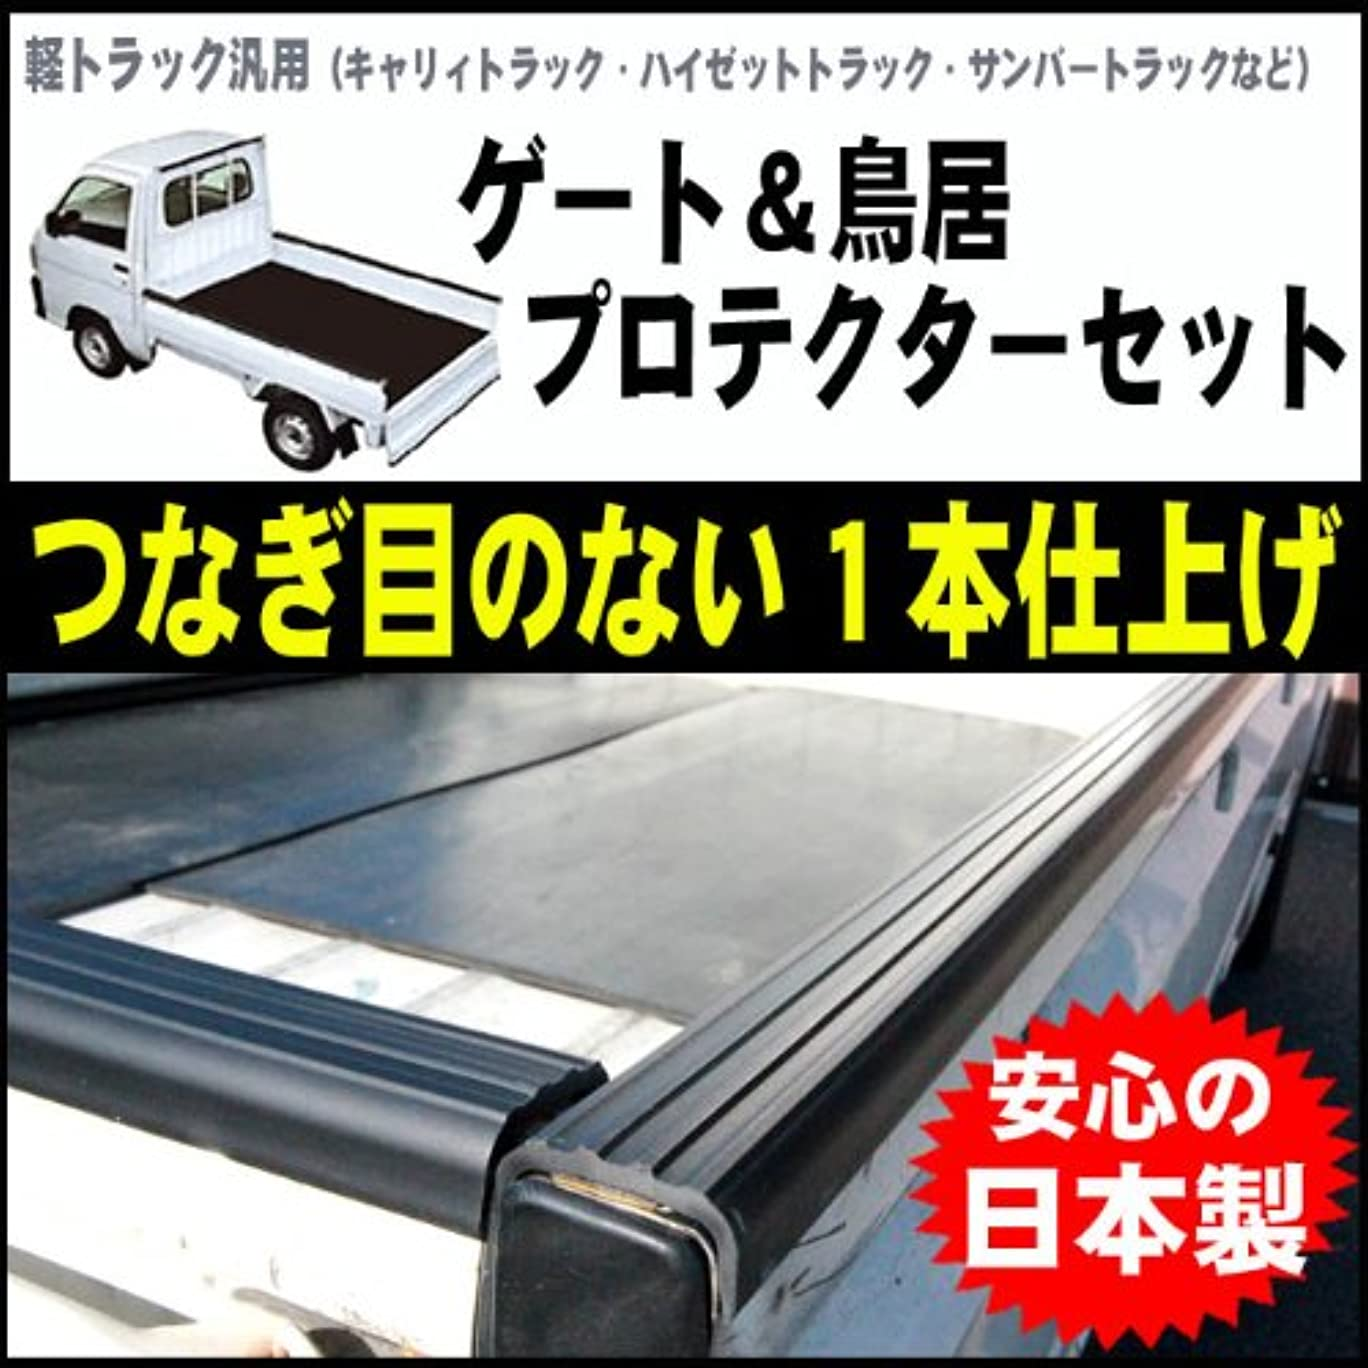 出席現象意識軽トラック用 【ゲート&鳥居 プロテクター四方セット】厚さ5mmのつなぎ目なし!耐久性に優れた日本製